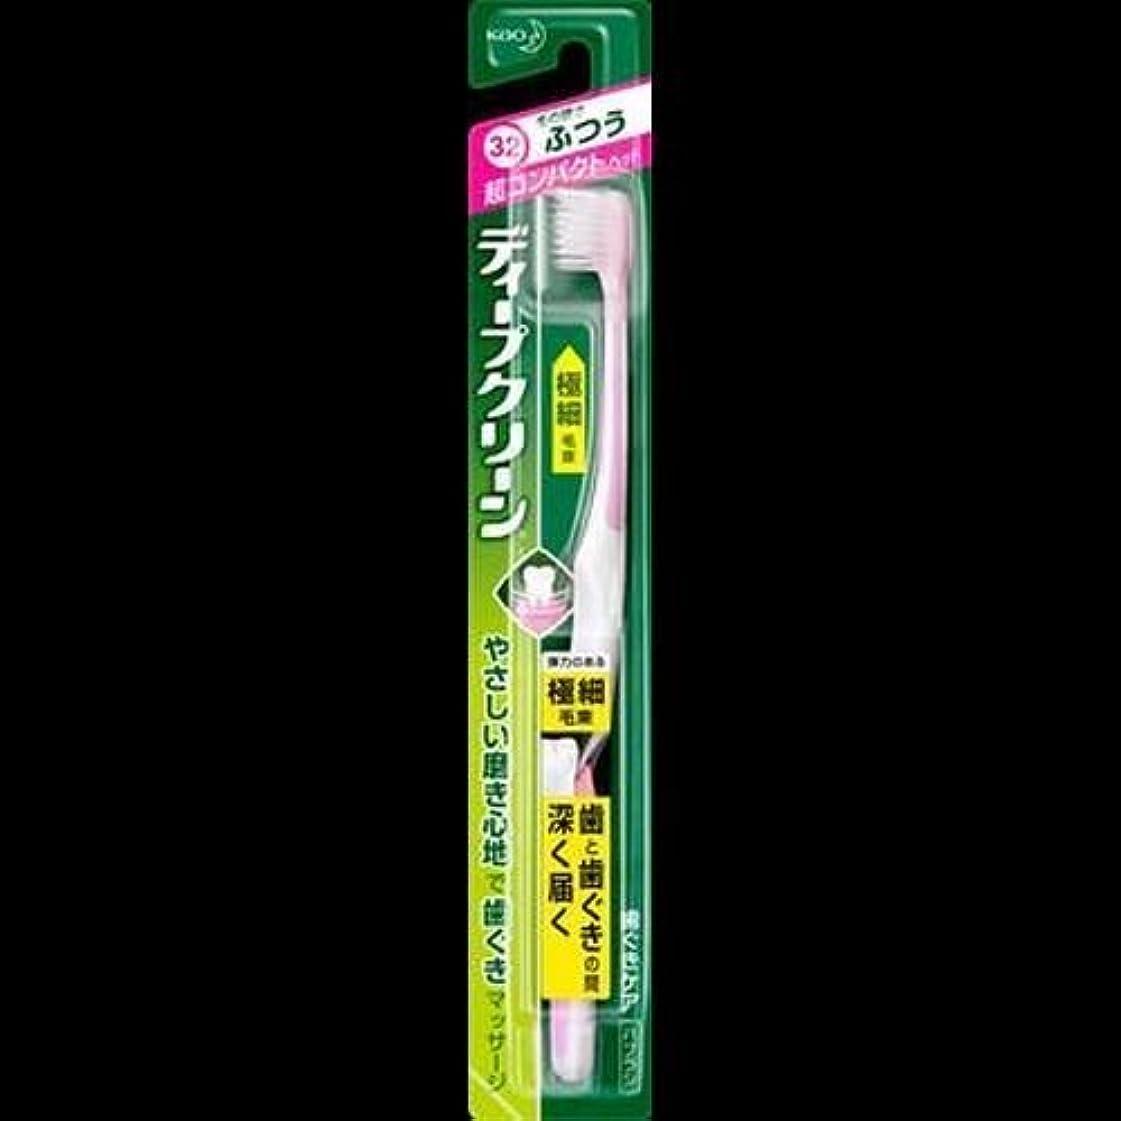 【まとめ買い】ディープクリーン ハブラシ 超コンパクト ふつう ×2セット